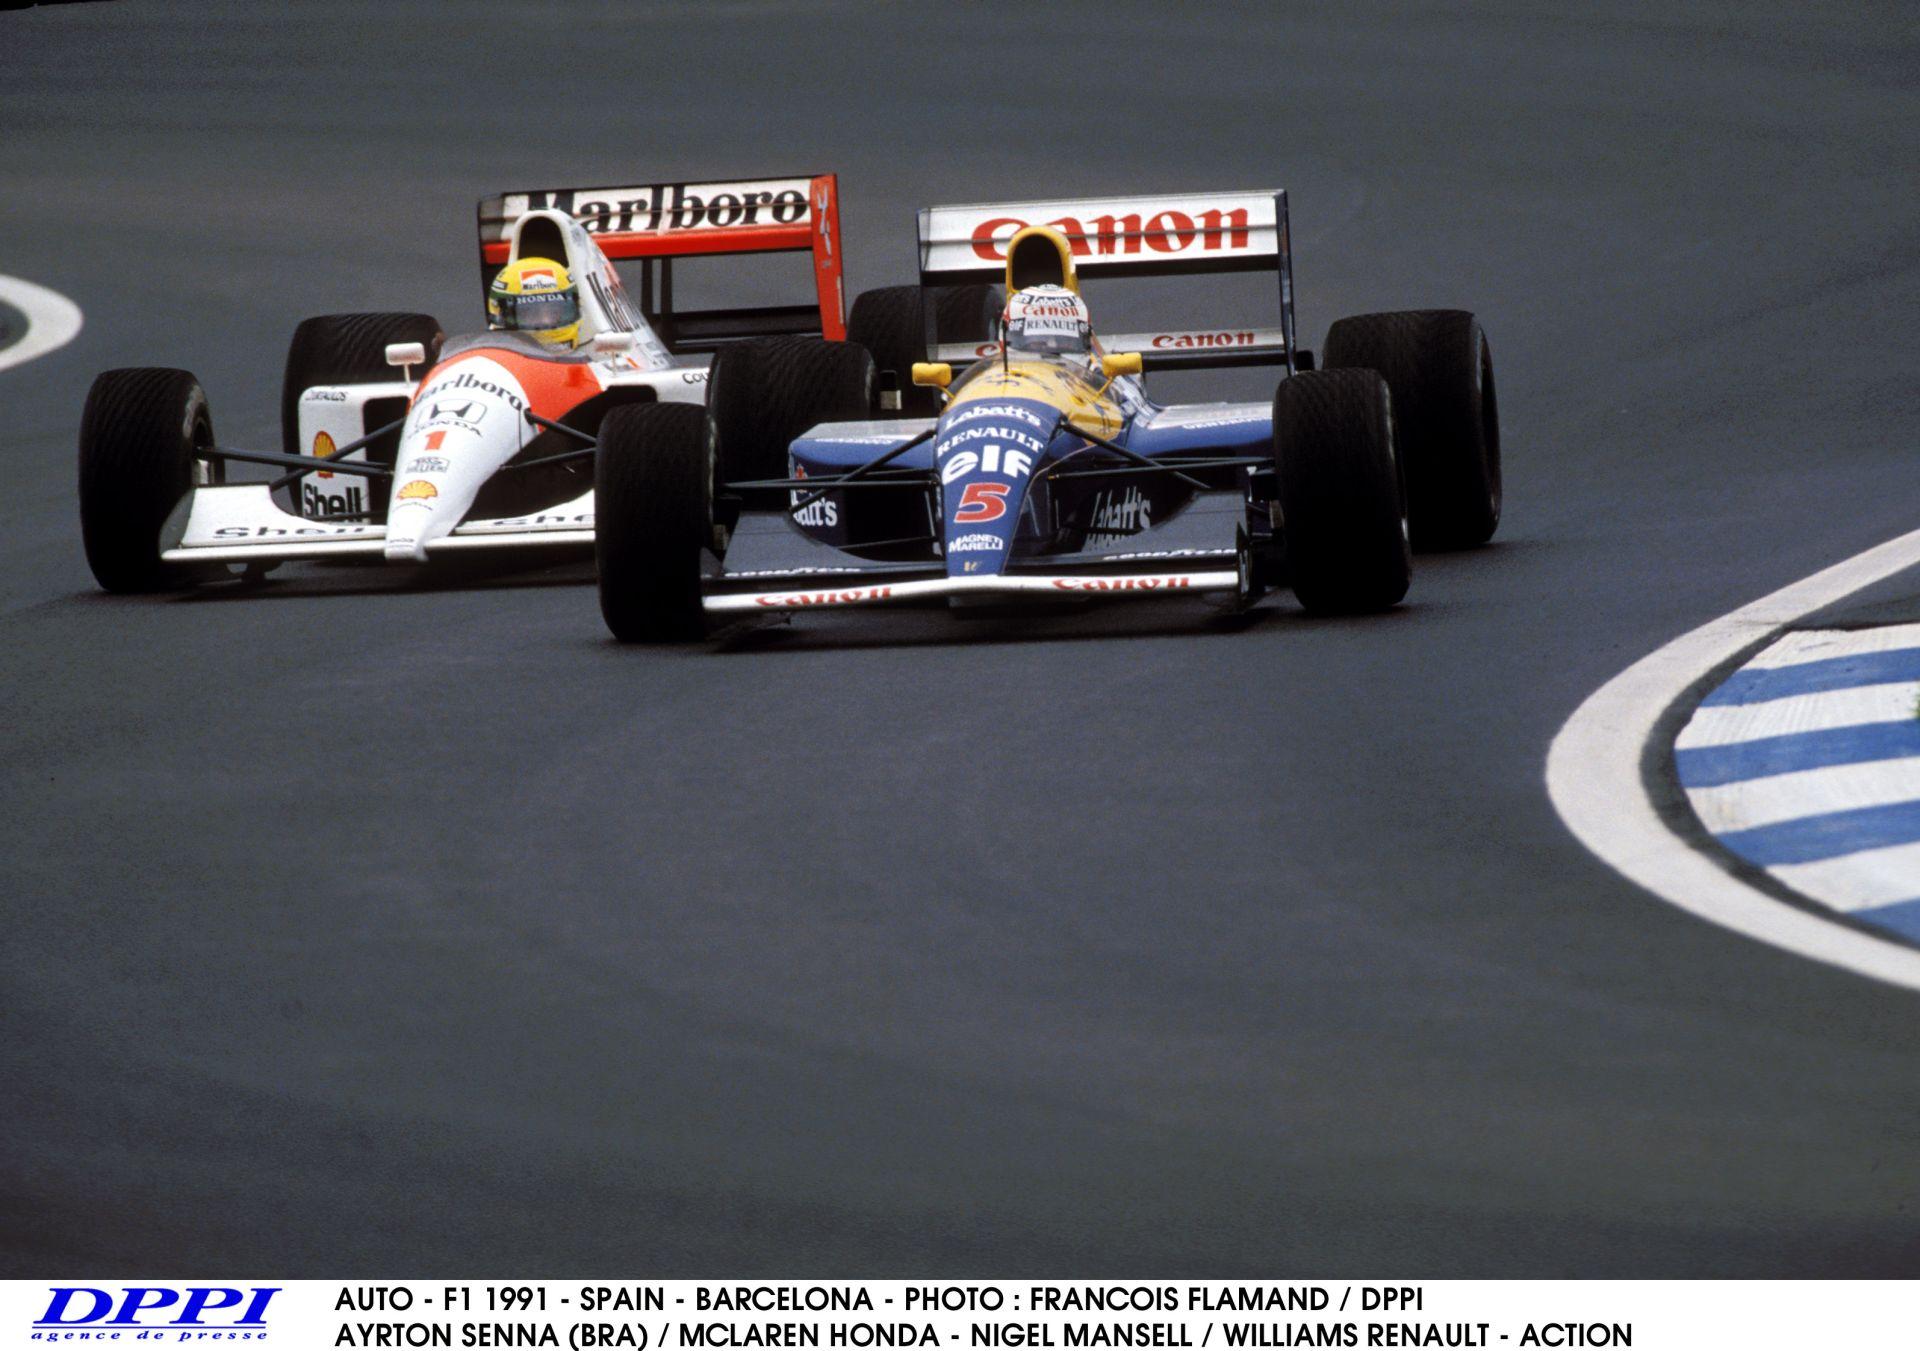 Ayrton Senna híres csatája Nigel Mansell ellen – 1991, Spanyolország